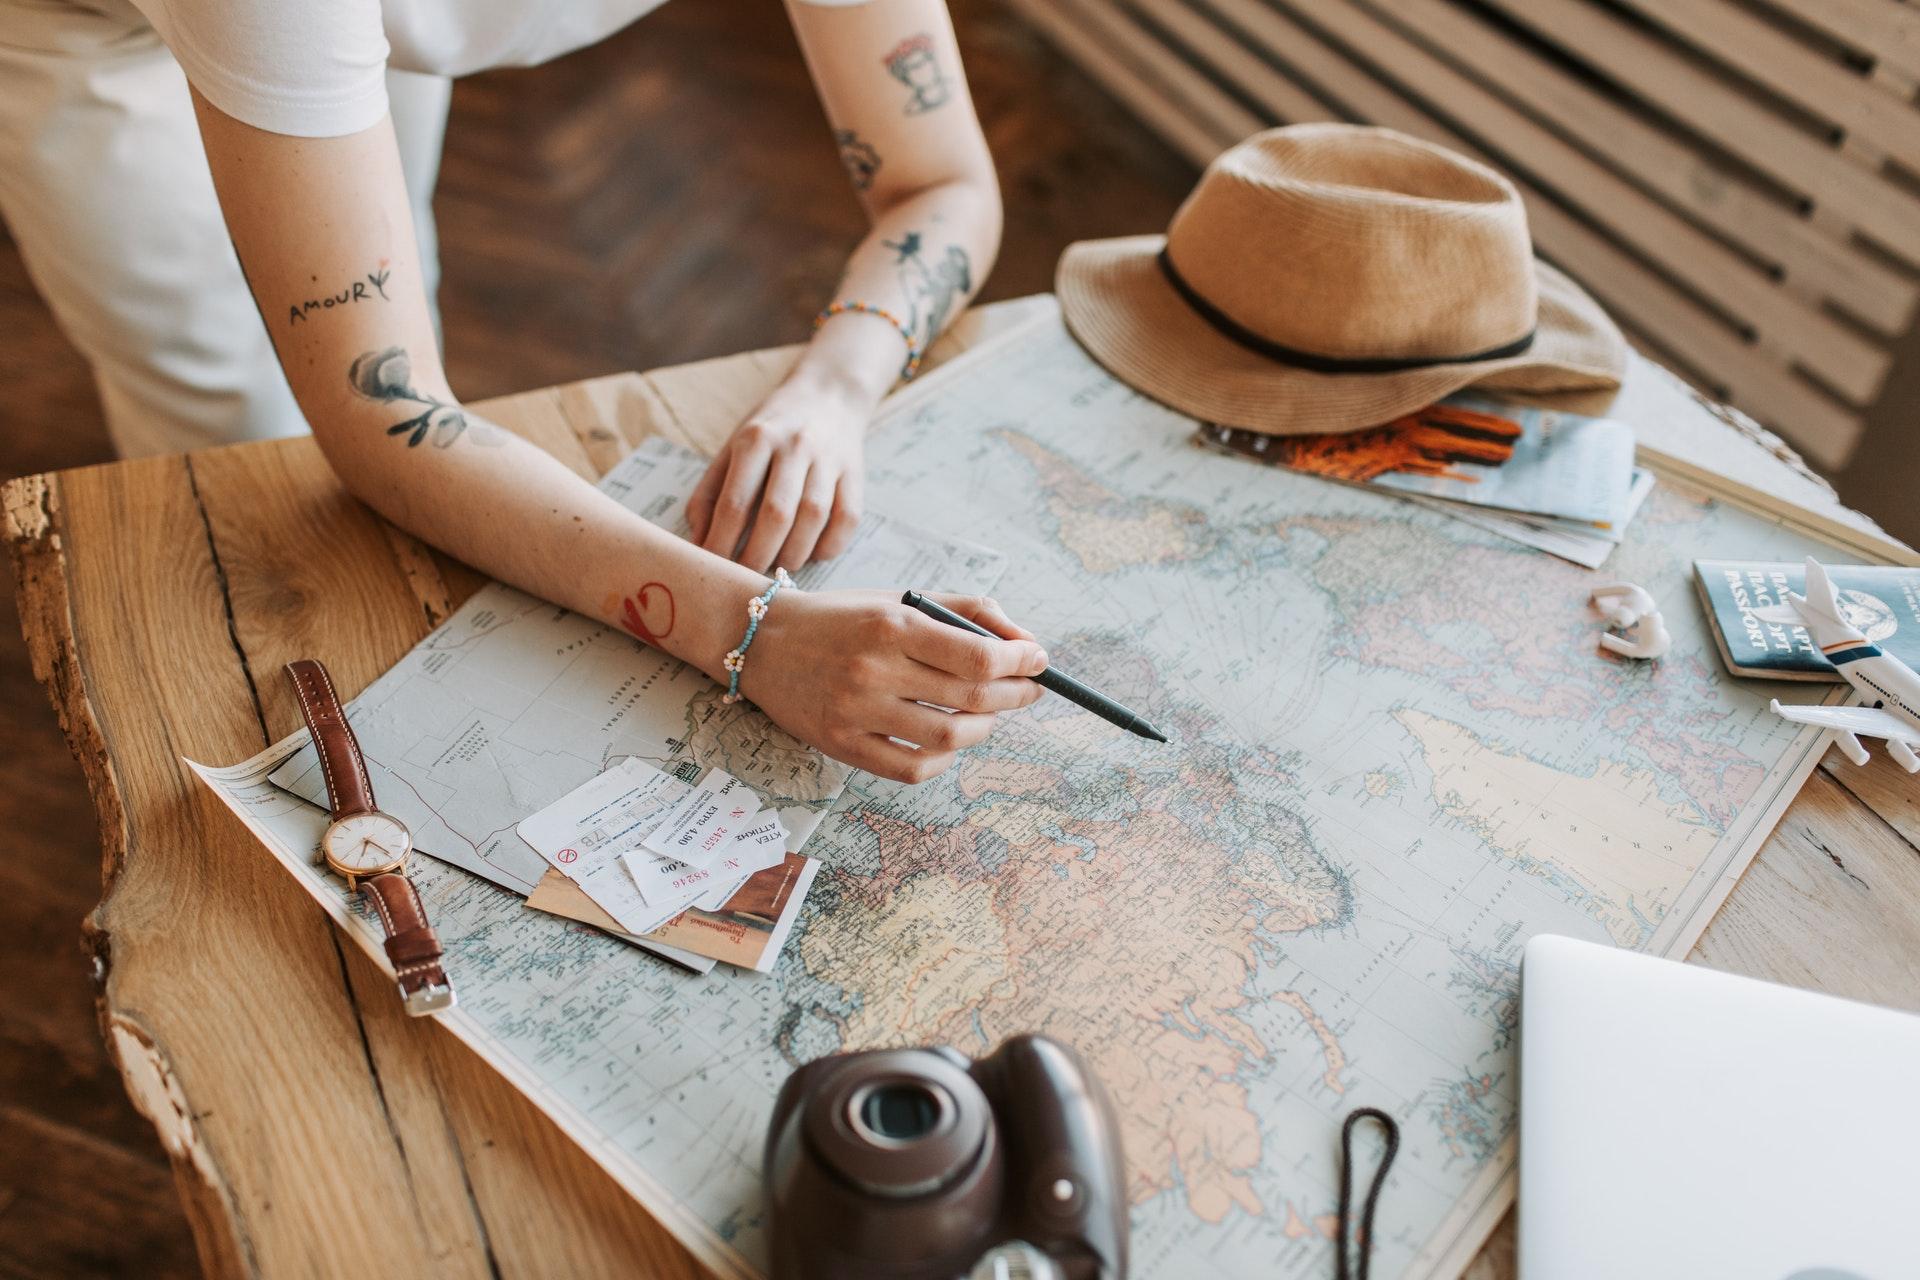 Vemos uma pessoa apontando para um lugar em um mapa-múndi. Ao redor vemos chapéu, relógio, câmera fotográfica, passaporte e outros acessórios (imagem ilustrativa).